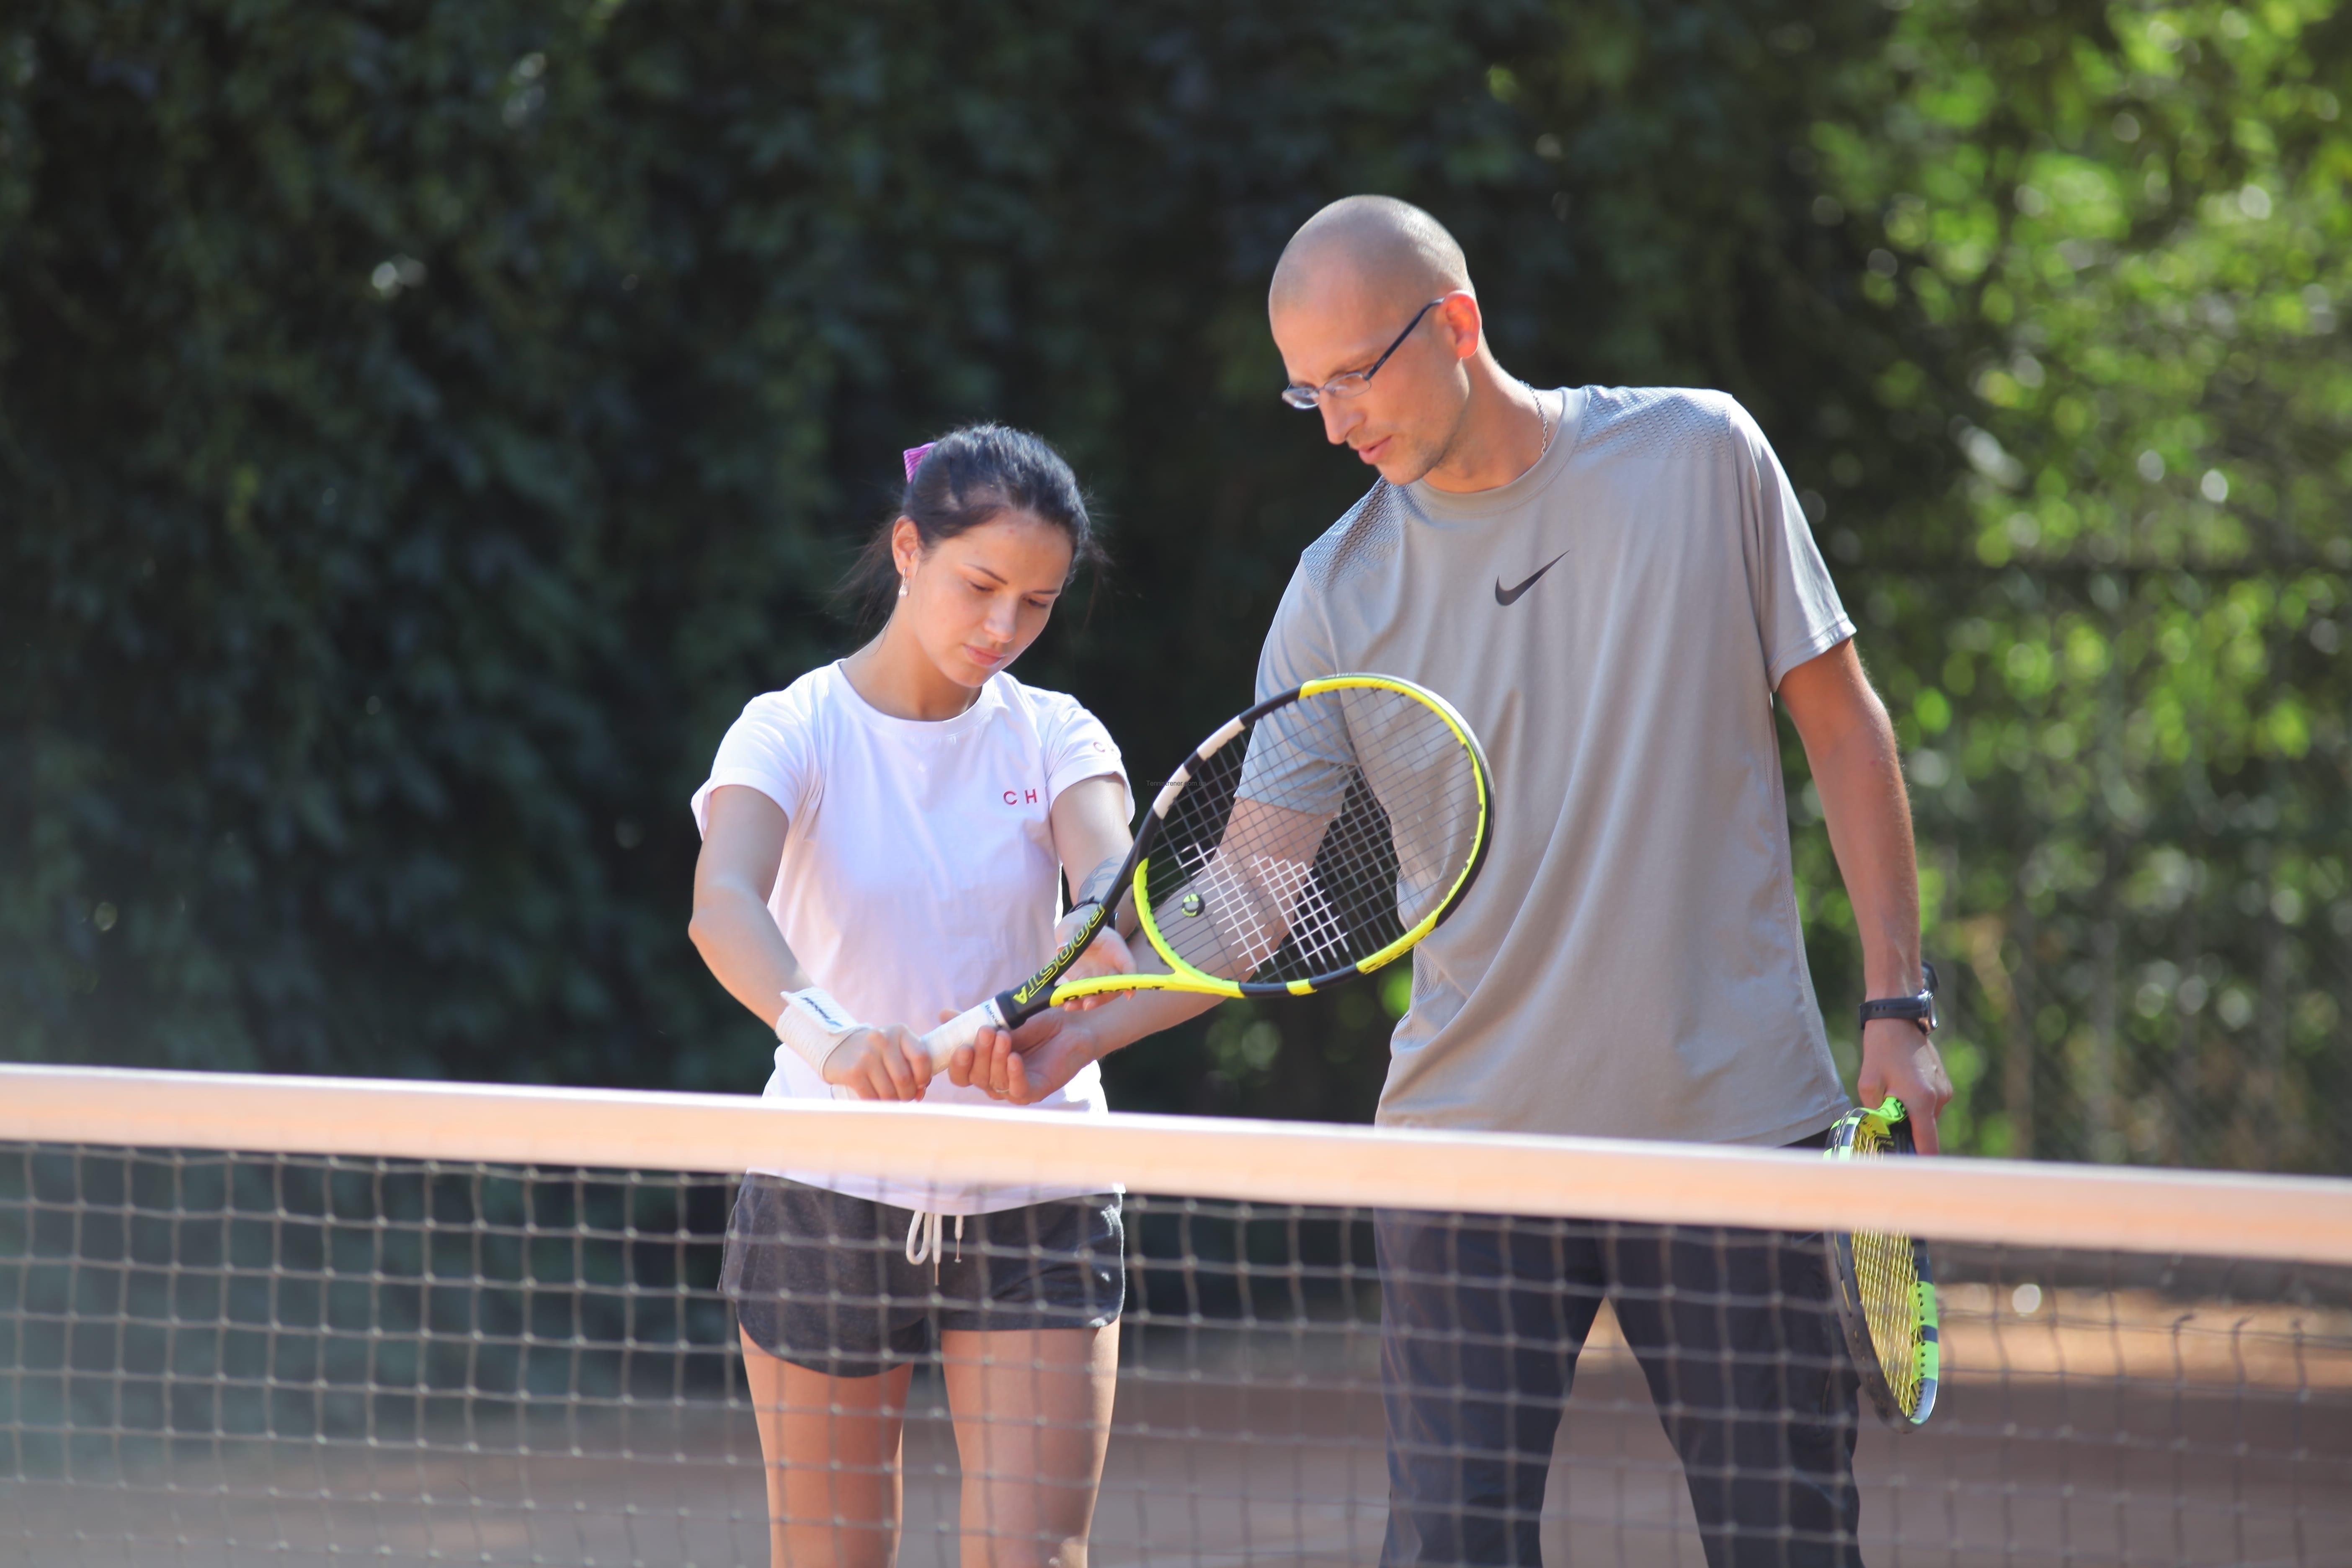 Игра слета теннис